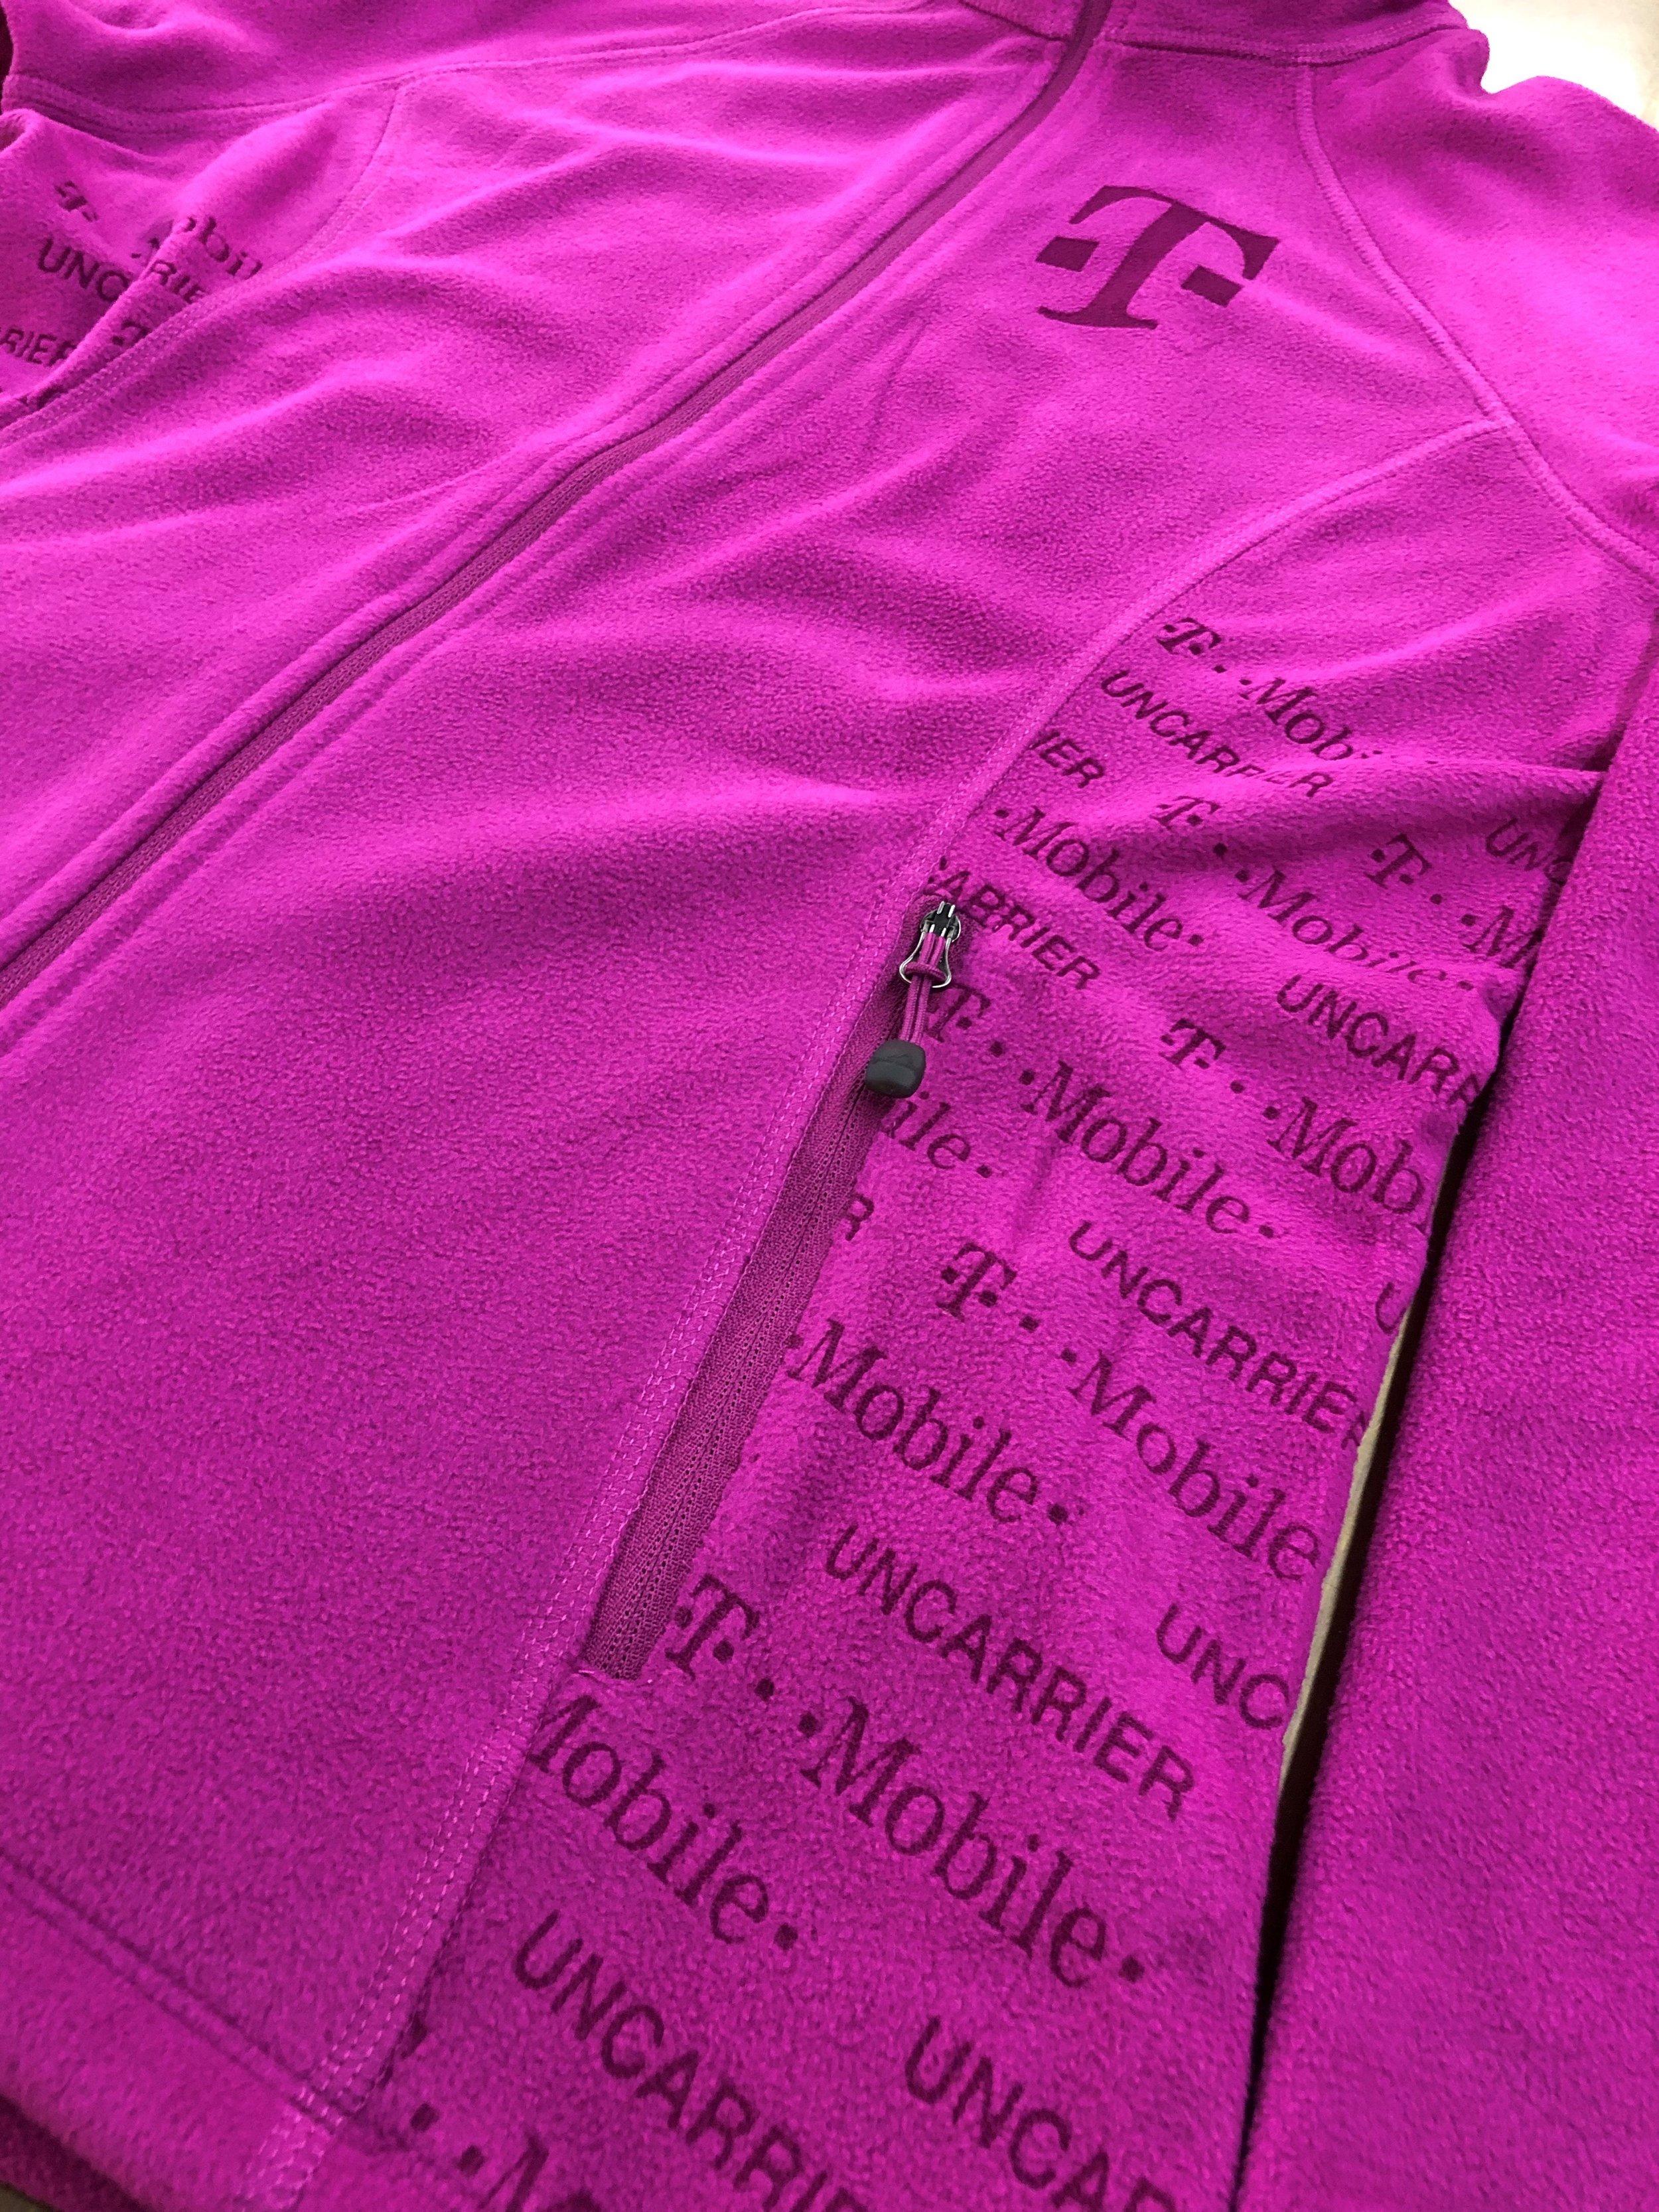 Laser Etched Magenta Fleece Jacket for T-Mobile